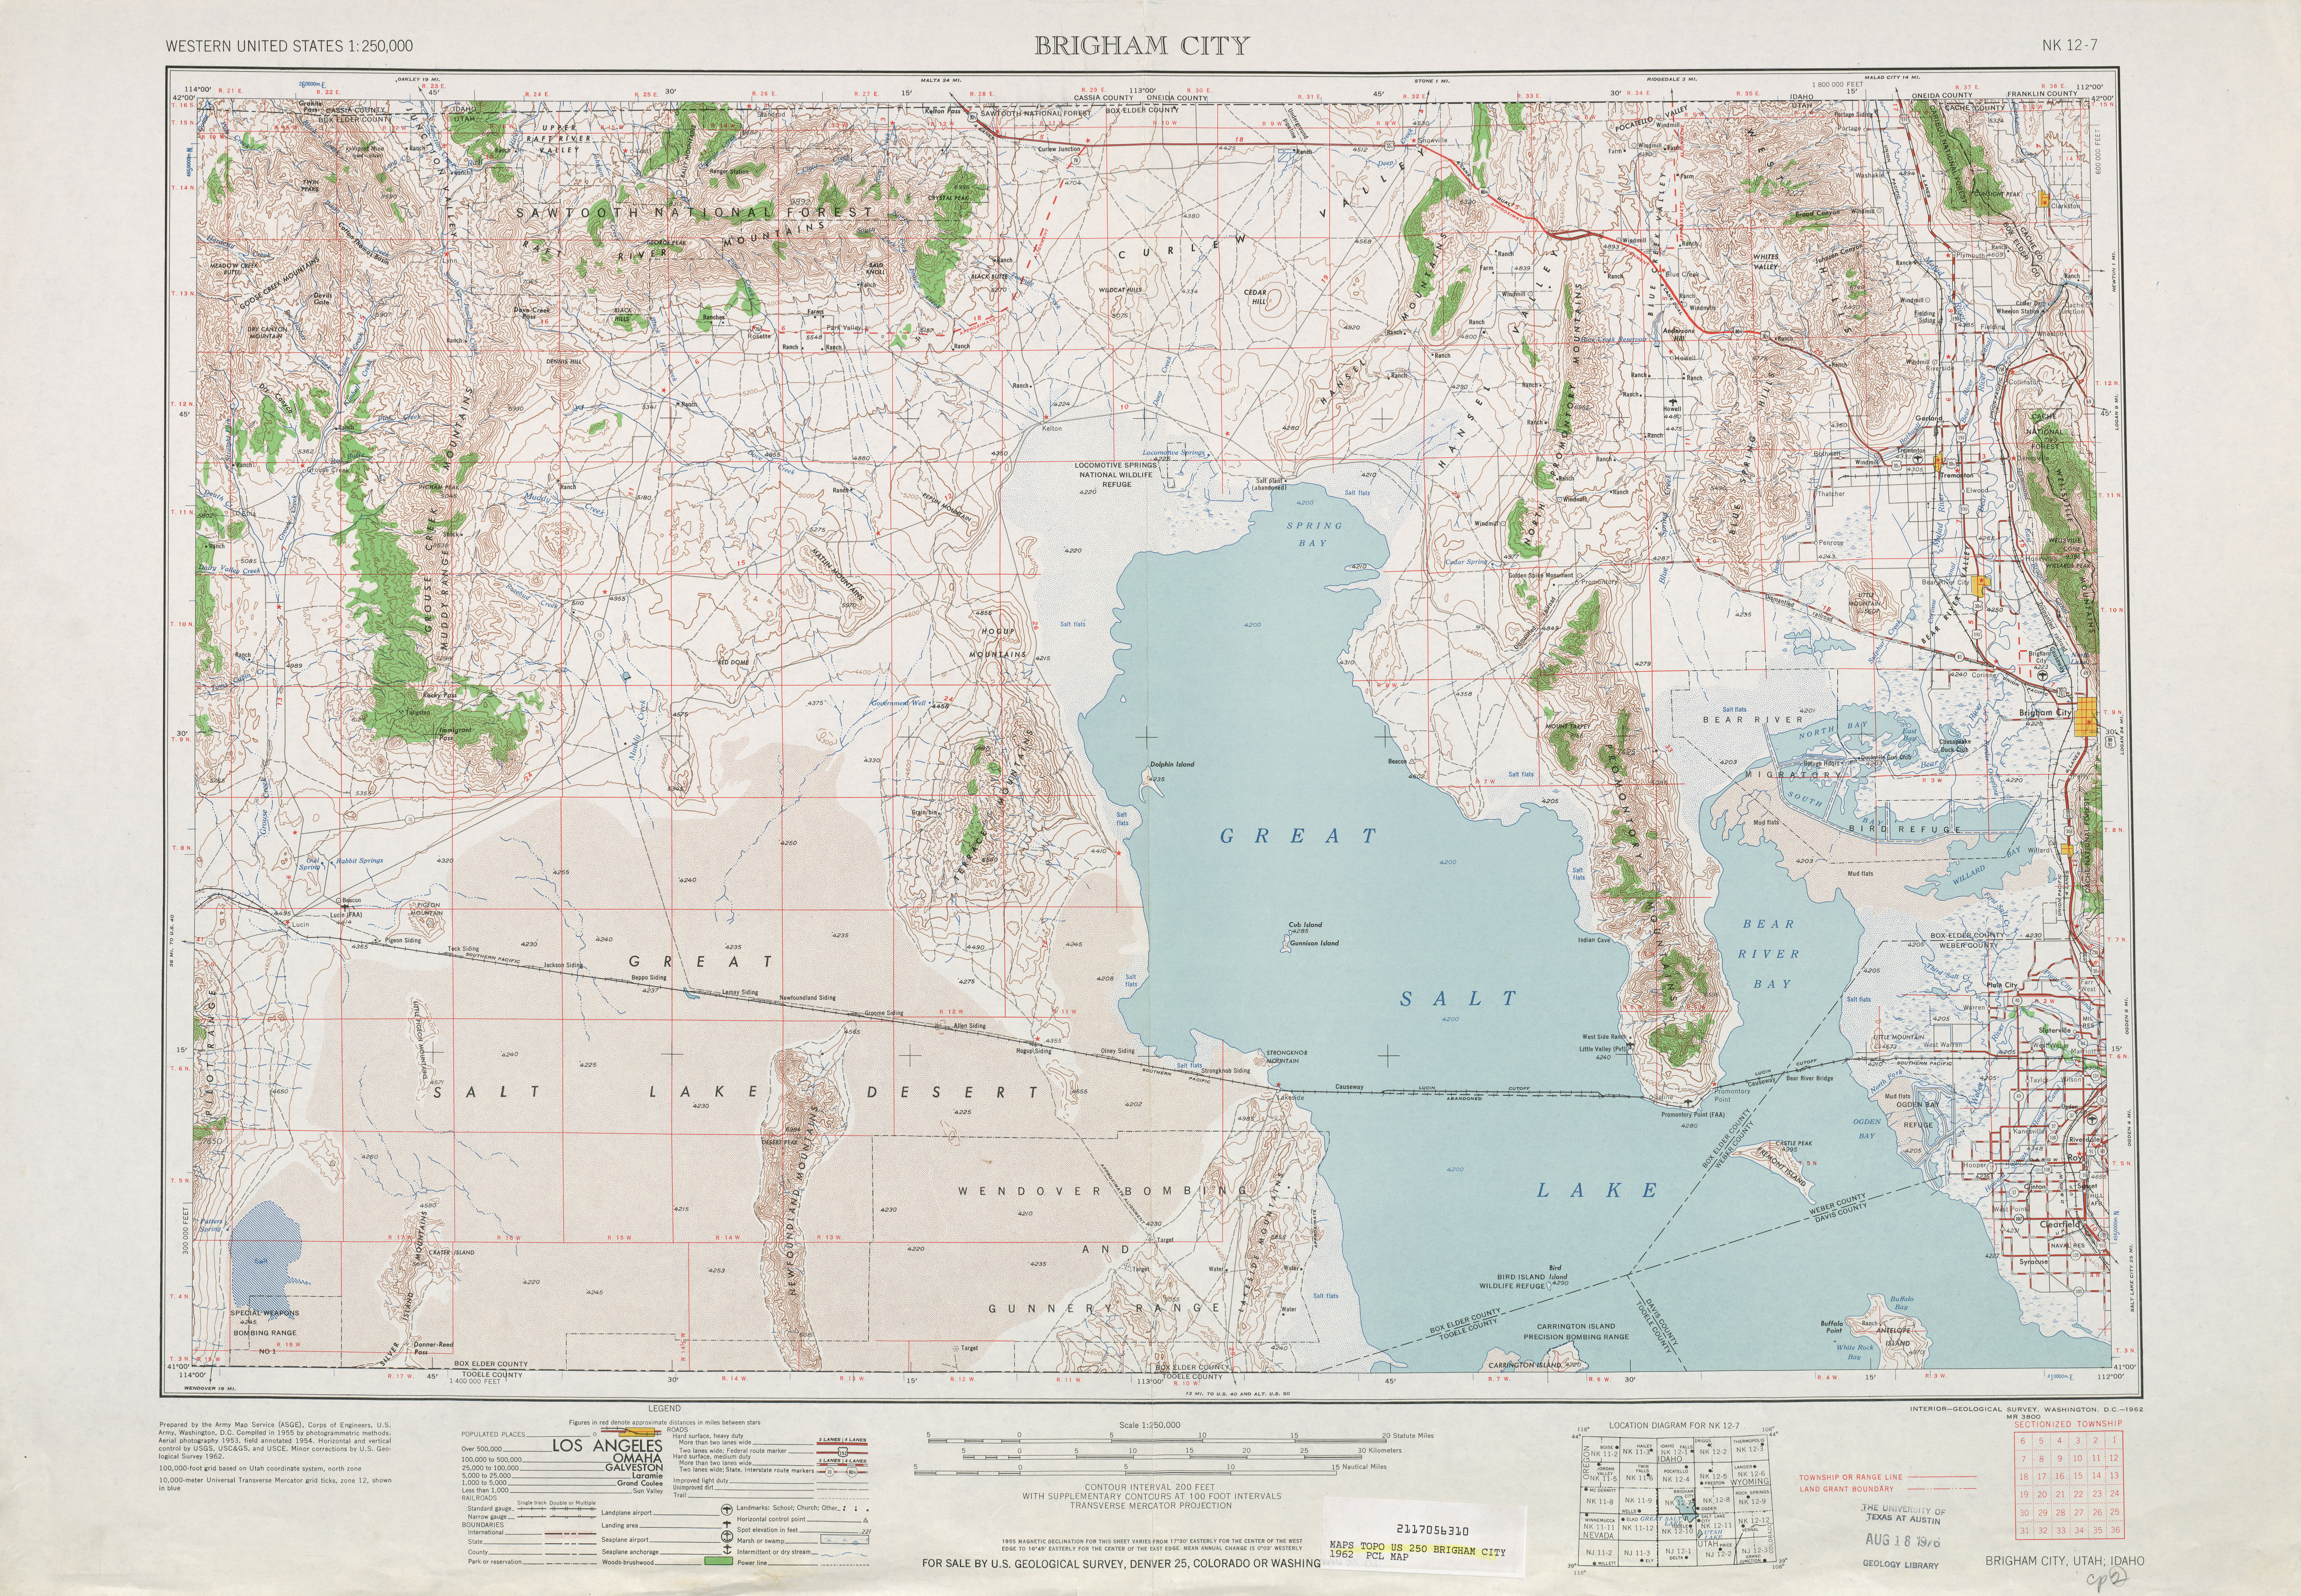 Hoja Brigham City del Mapa Topográfico de los Estados Unidos 1962